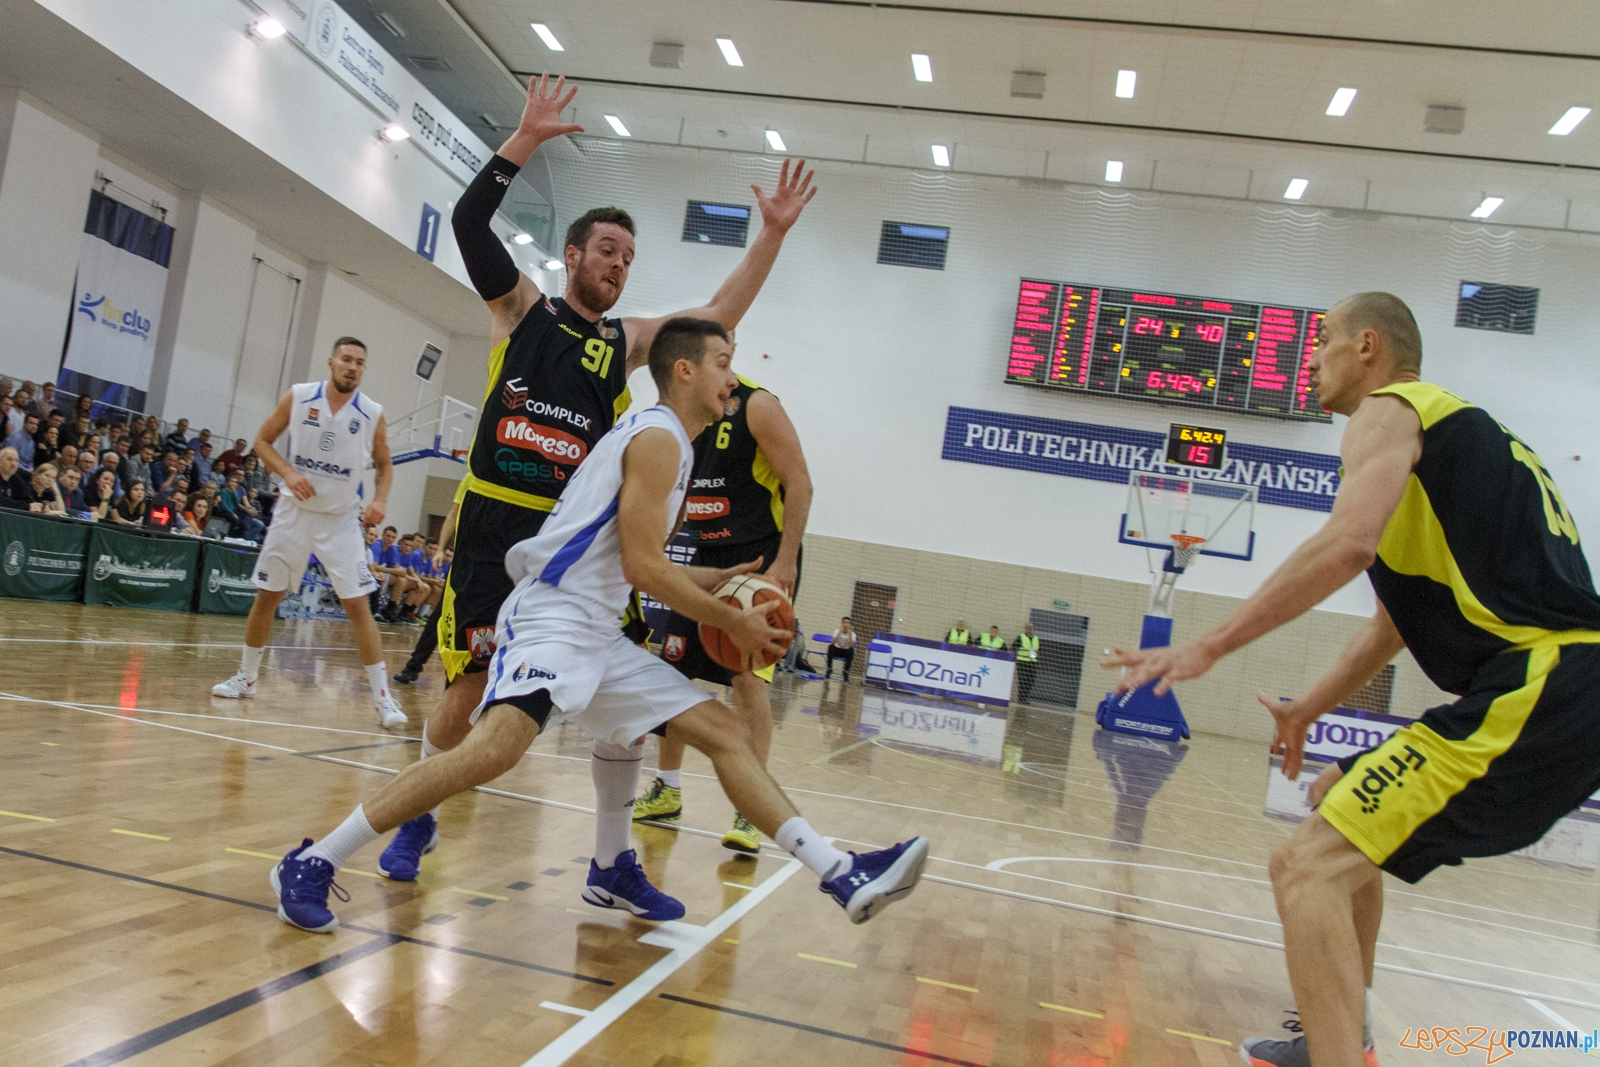 1.Liga Koszykówki Mężczyzn, Biofarm Basket Poznań - Max Elek  Foto: LepszyPOZNAN.pl / Paweł Rychter